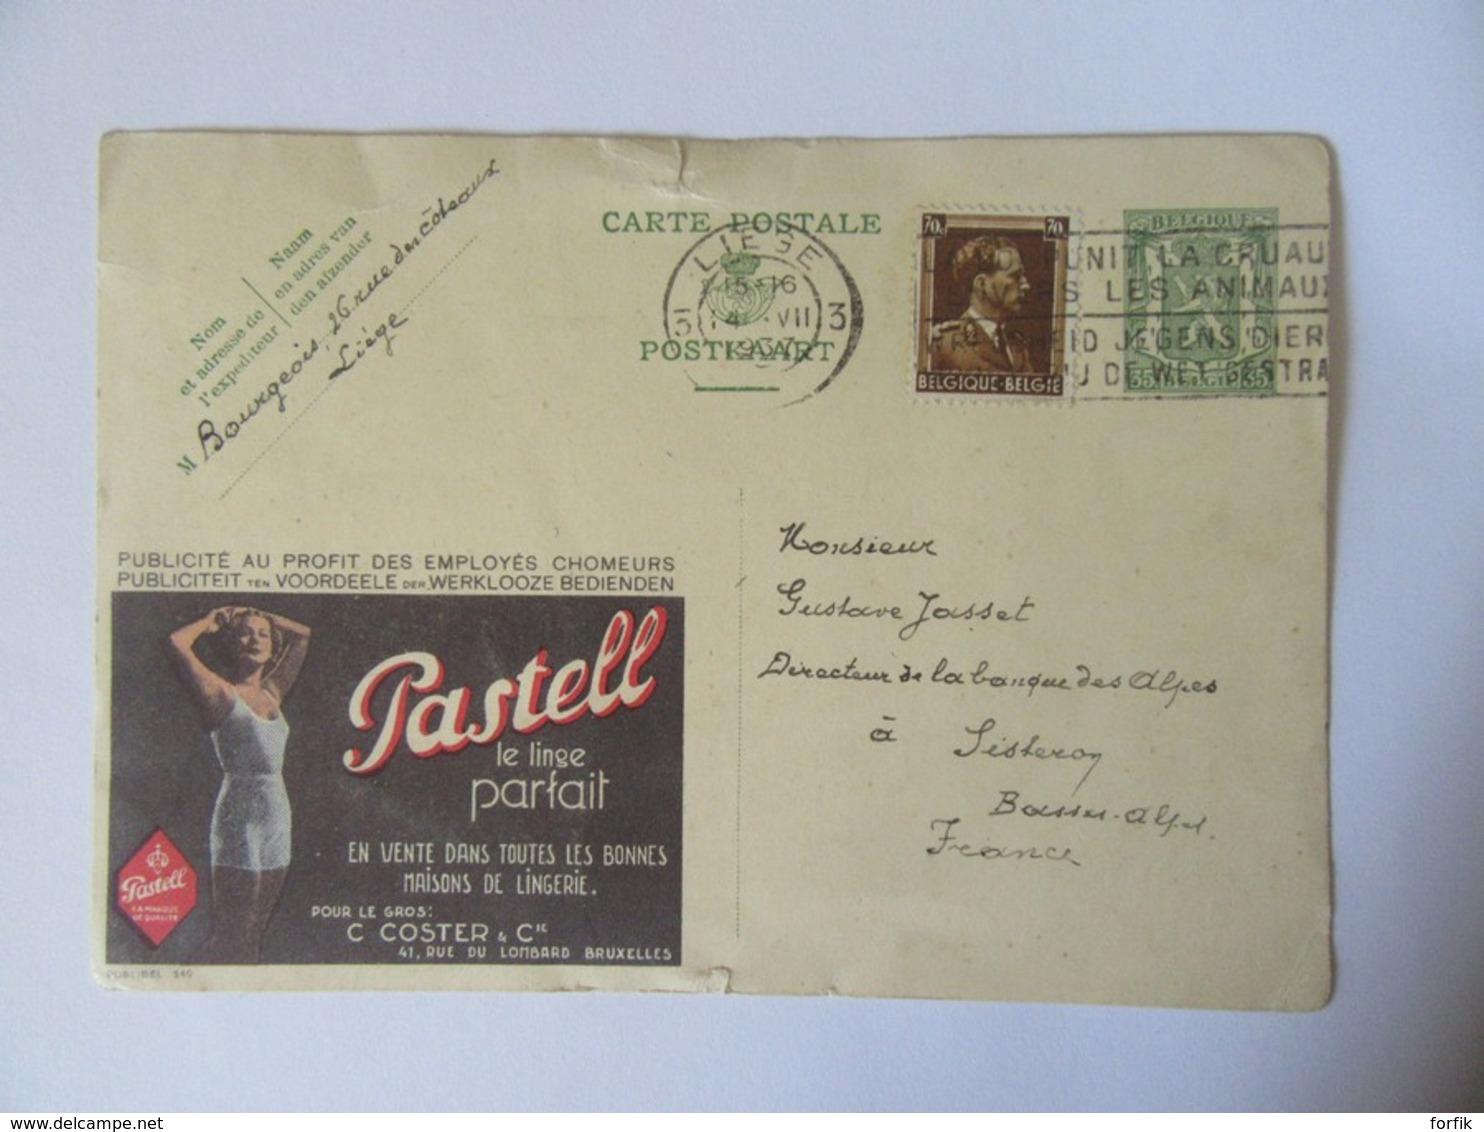 """Belgique - Entier Postal Publibel 35c + Timbre 70c Publicité """"Pastell"""" - Circulé En Juillet 1937 - Liège Vers Sisteron - Enteros Postales"""